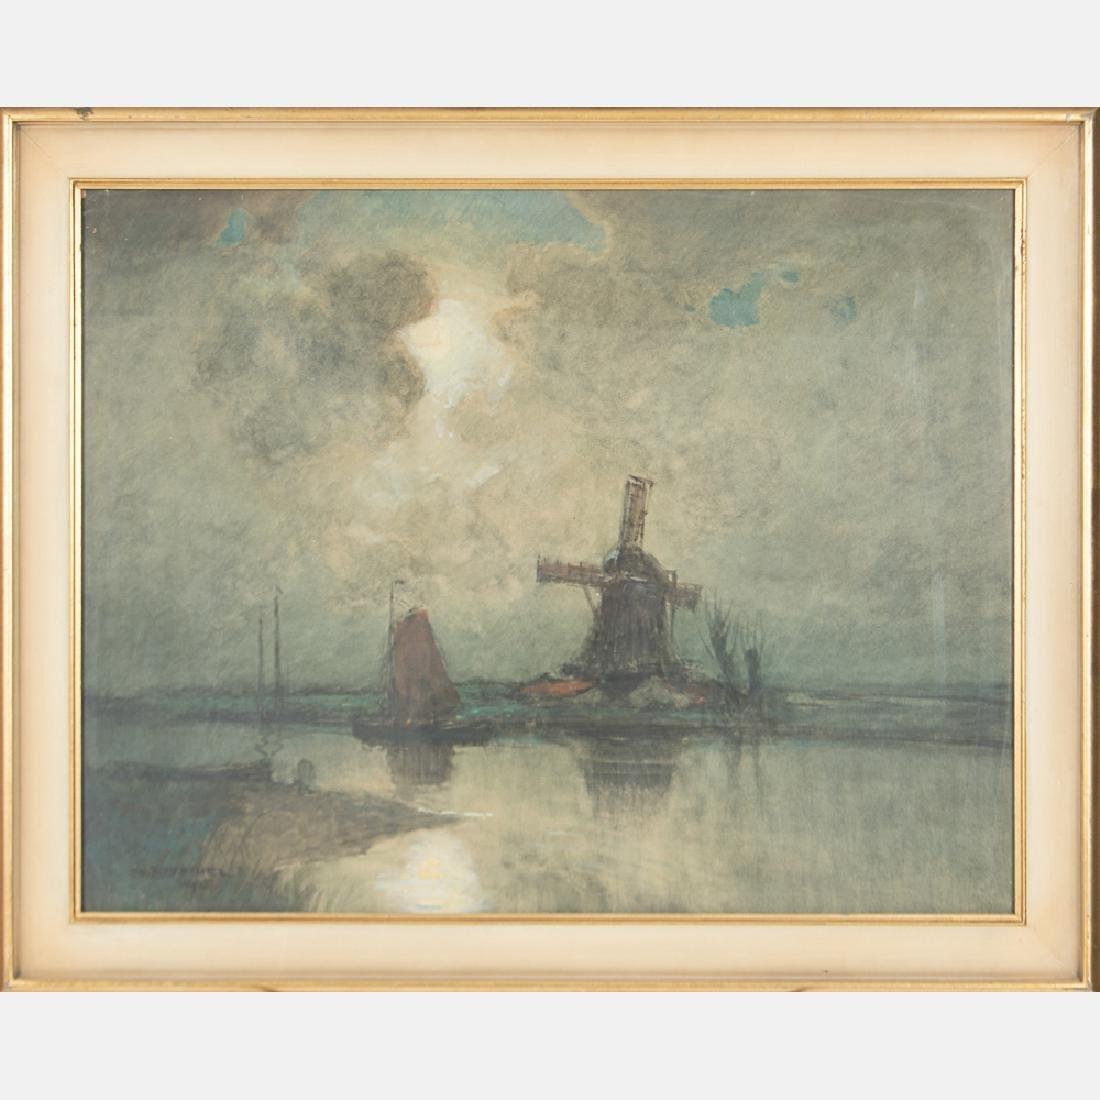 William Frederick Ritschel (1864-1949) Moonlit Harbor